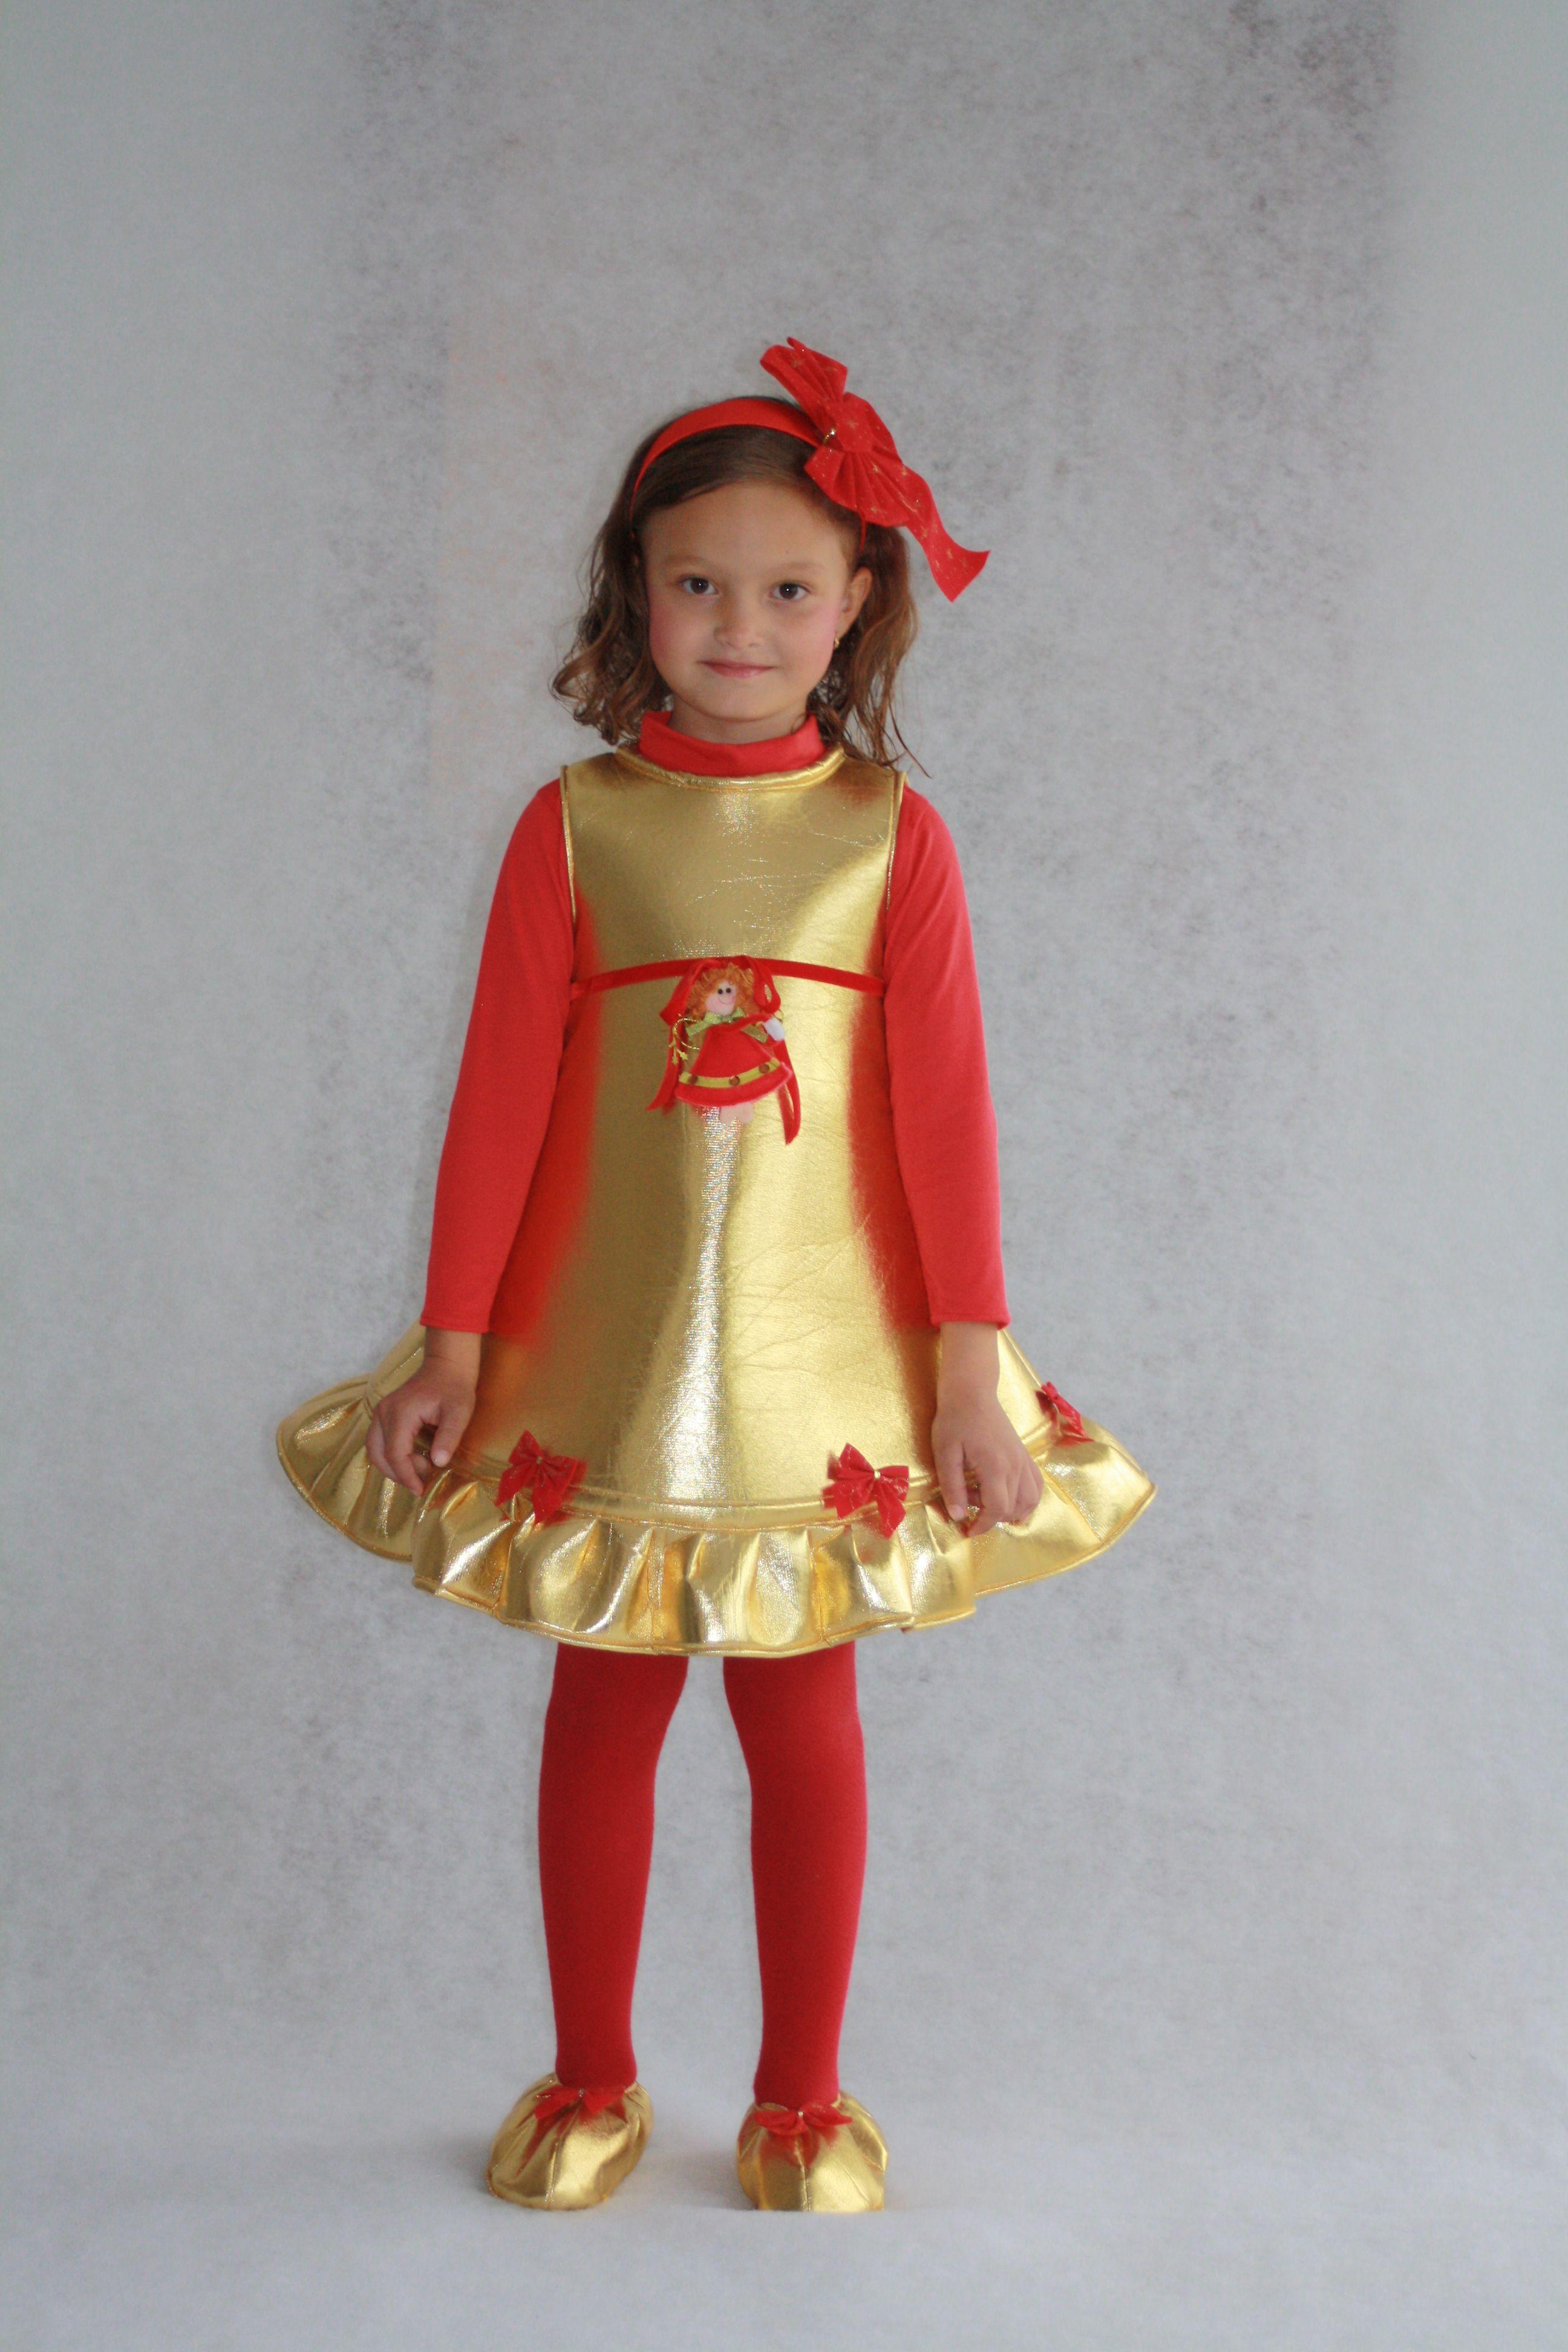 Disfraz de campana para navidad disfraces para ni os - Disfraces infantiles navidad ...